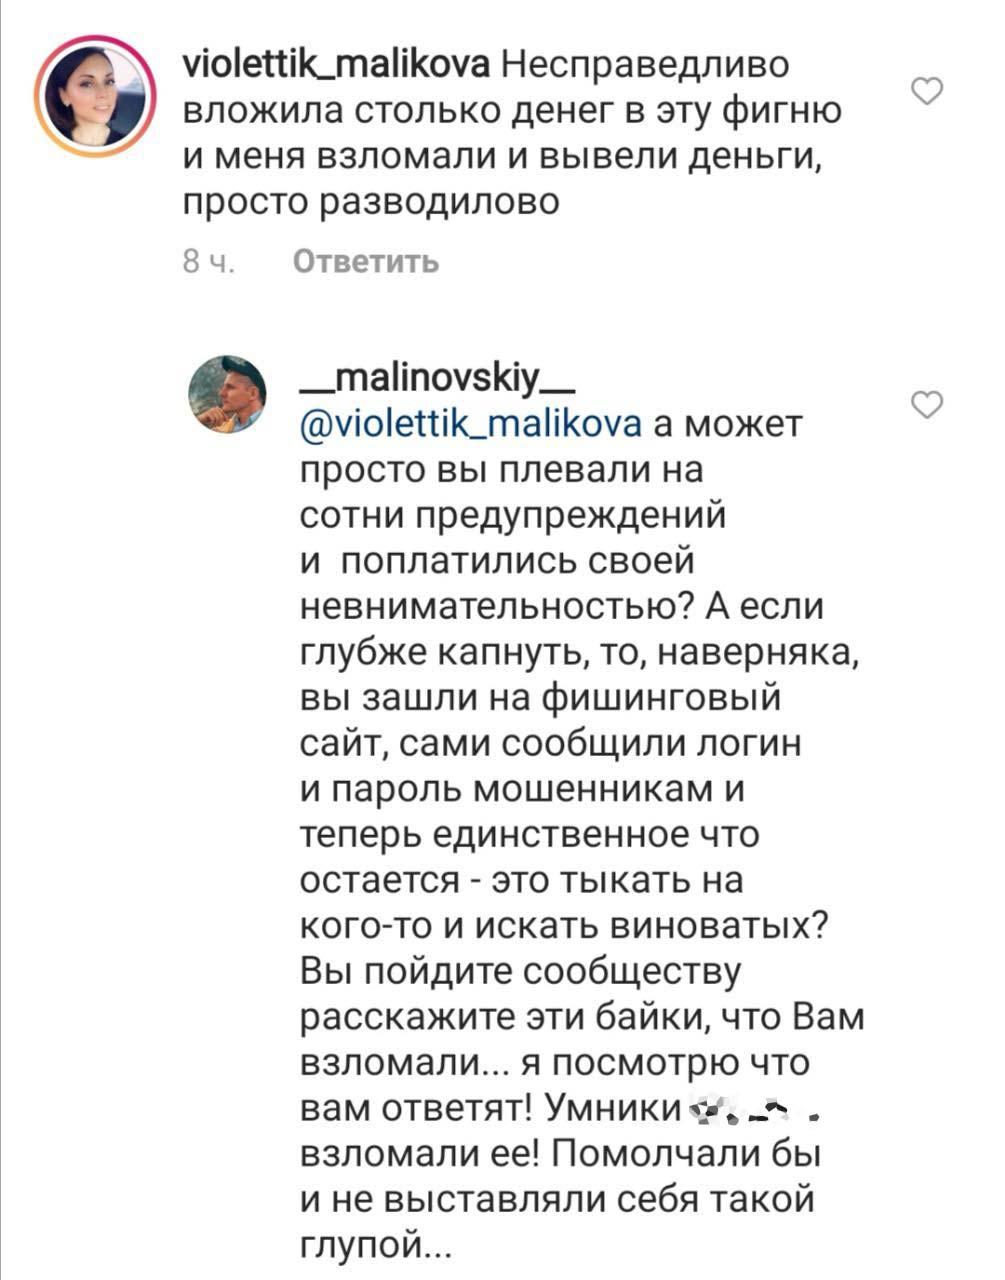 Алекс Малиновский попал в грандиозный скандал